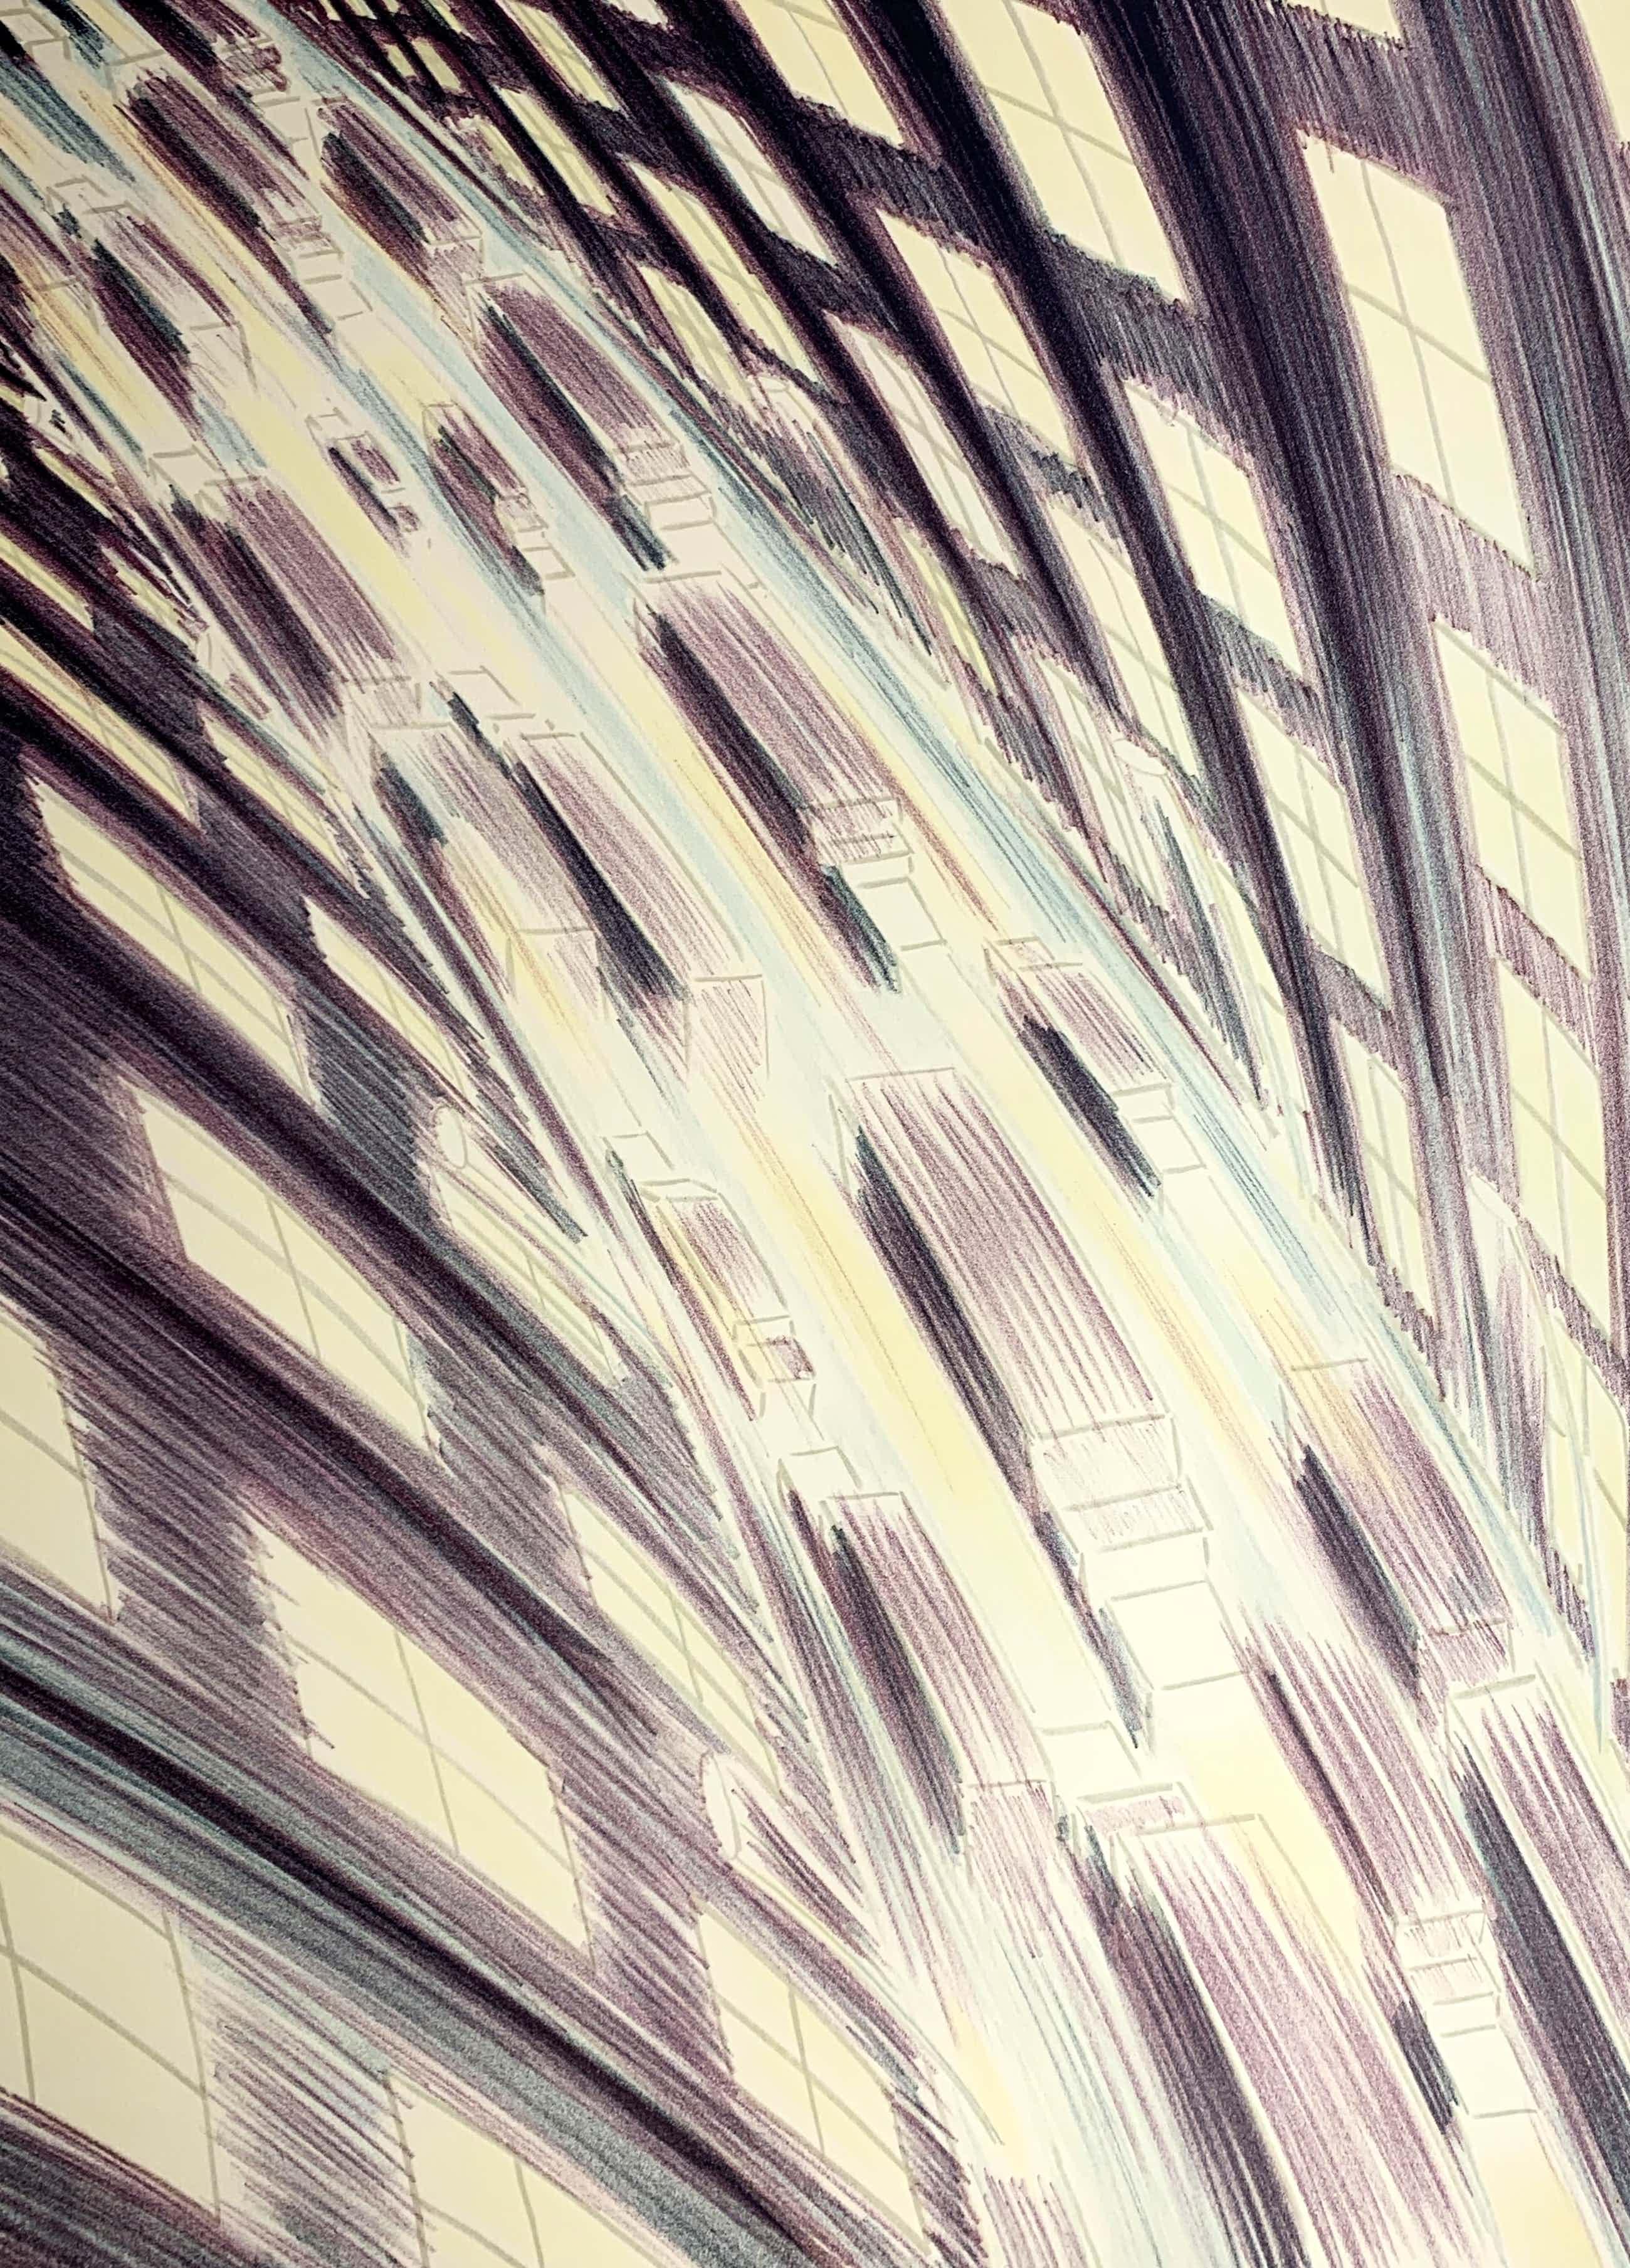 Jeroen Henneman - kleurenlitho - 'Verkeer in de stad' - 1988 (Kleine oplage) kopen? Bied vanaf 200!